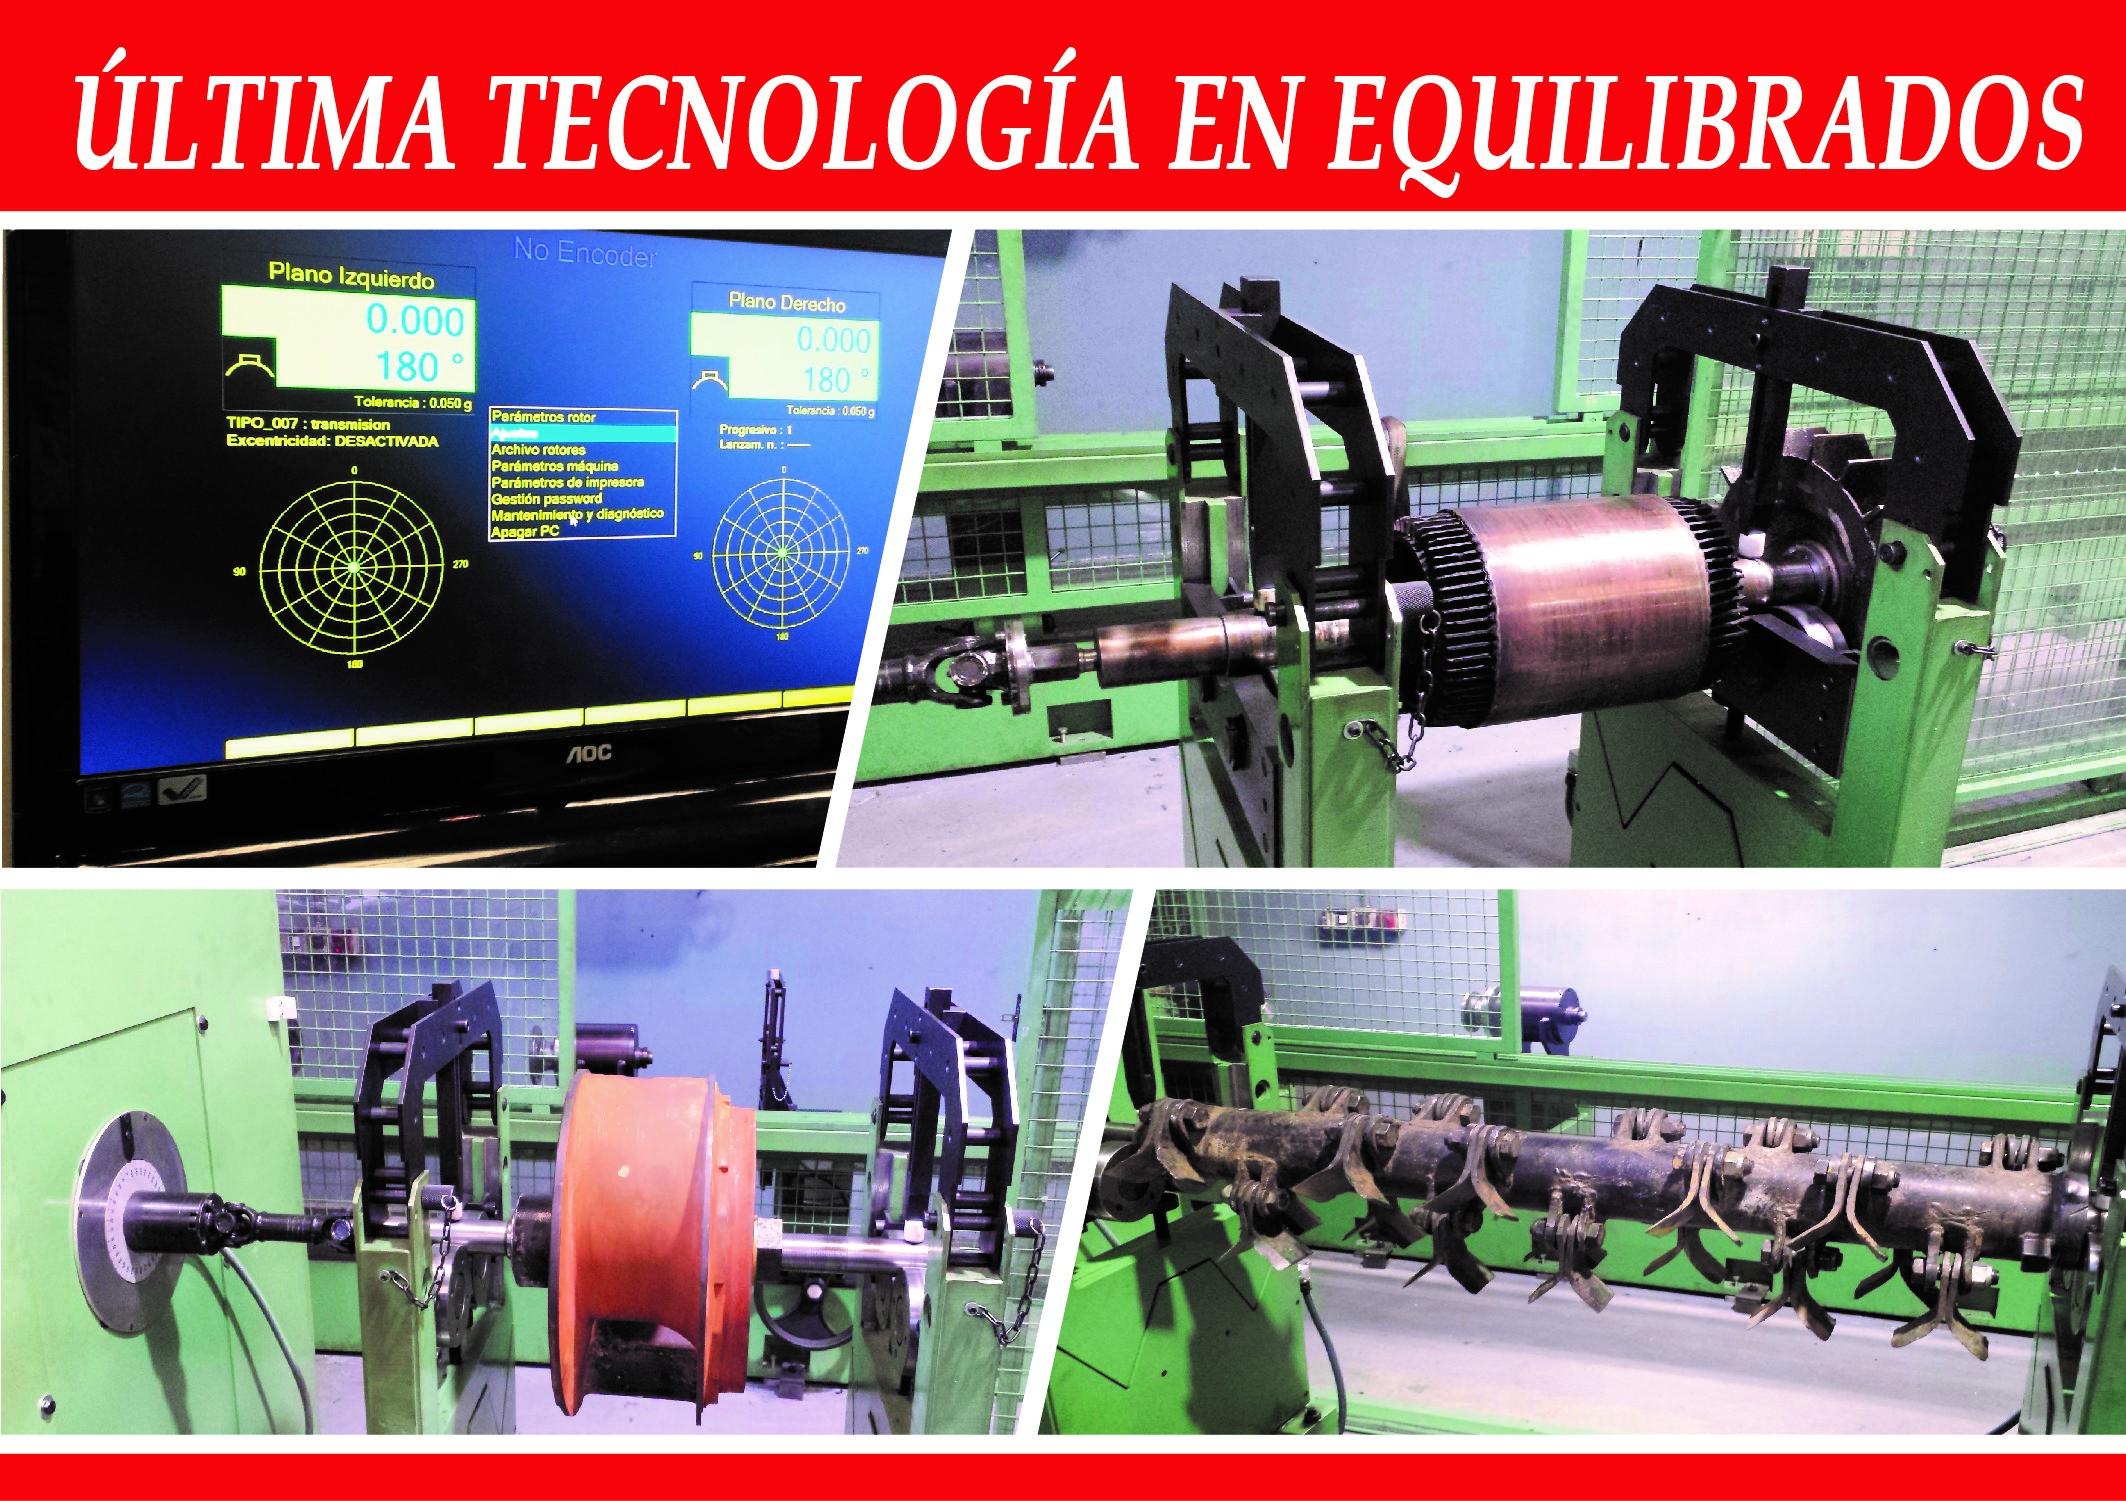 ÚLTIMA TECNOLOGÍA EN EQUILIBRADOS